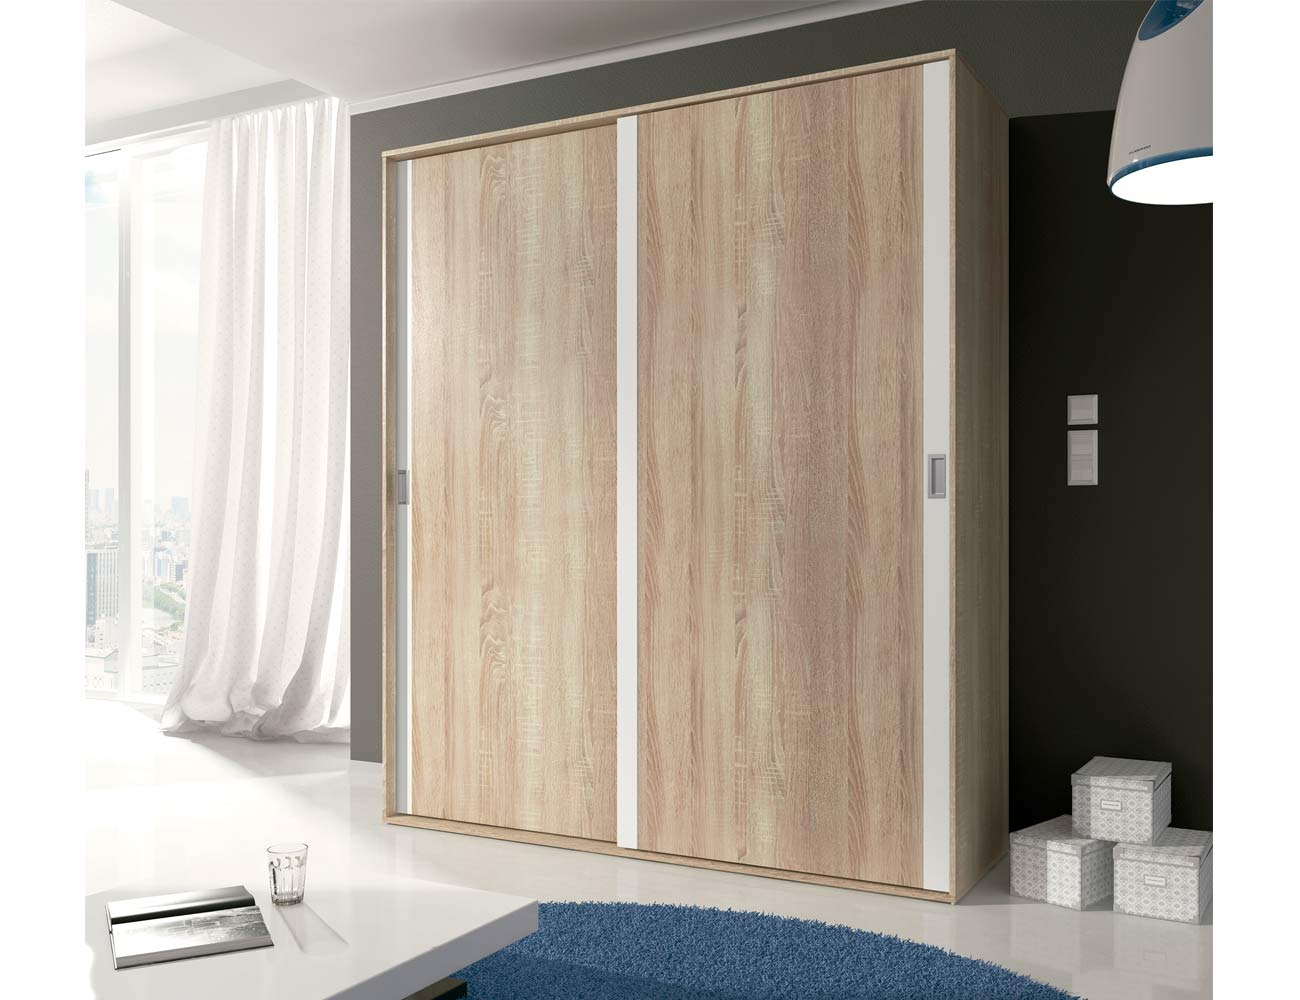 14 armario 2 puertas correderas cambrian blanco1